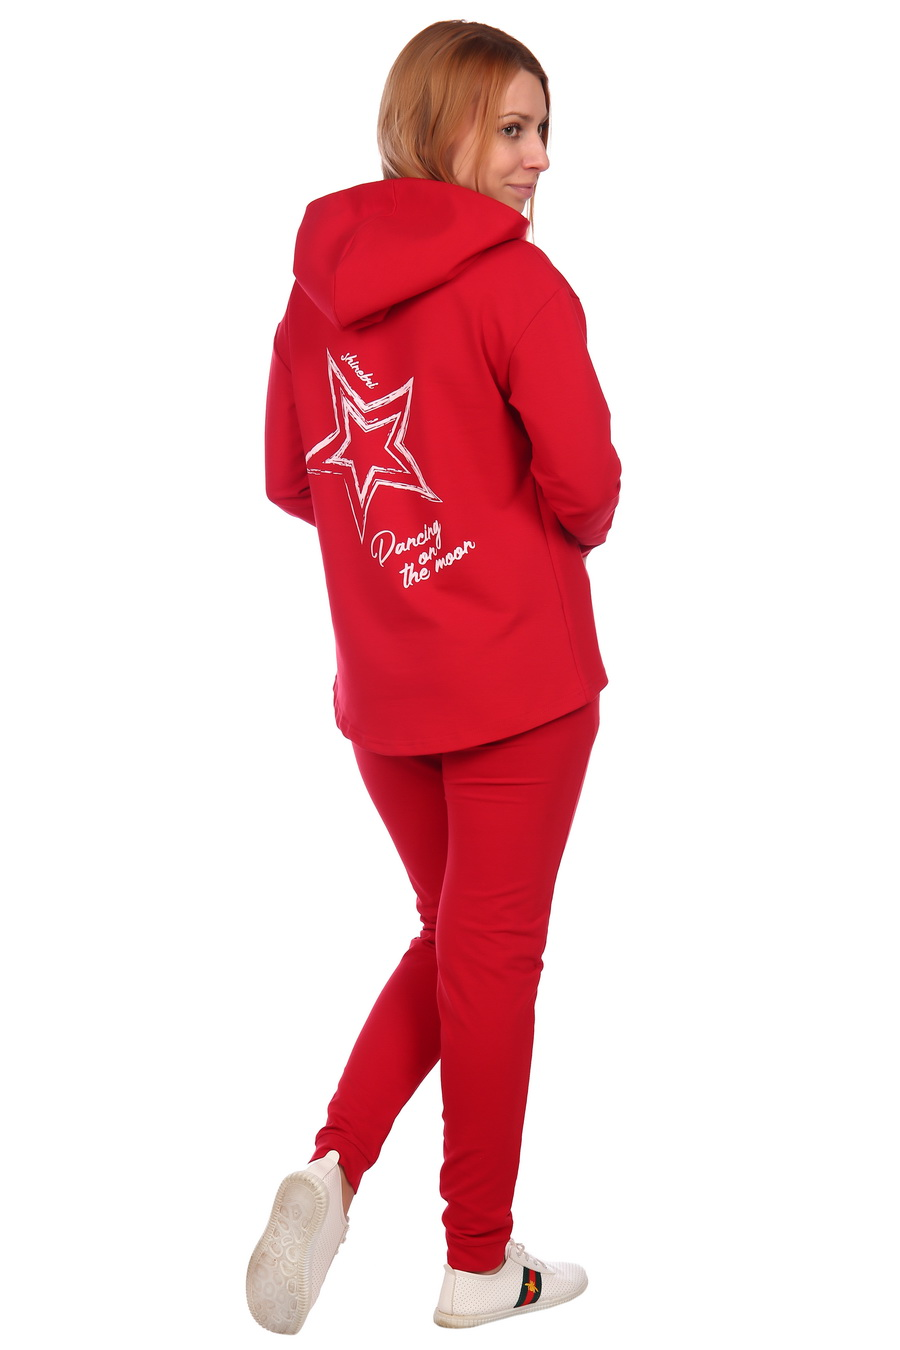 ЕленаТекс / Жен. костюм арт. 17-0074 Красный р. 44